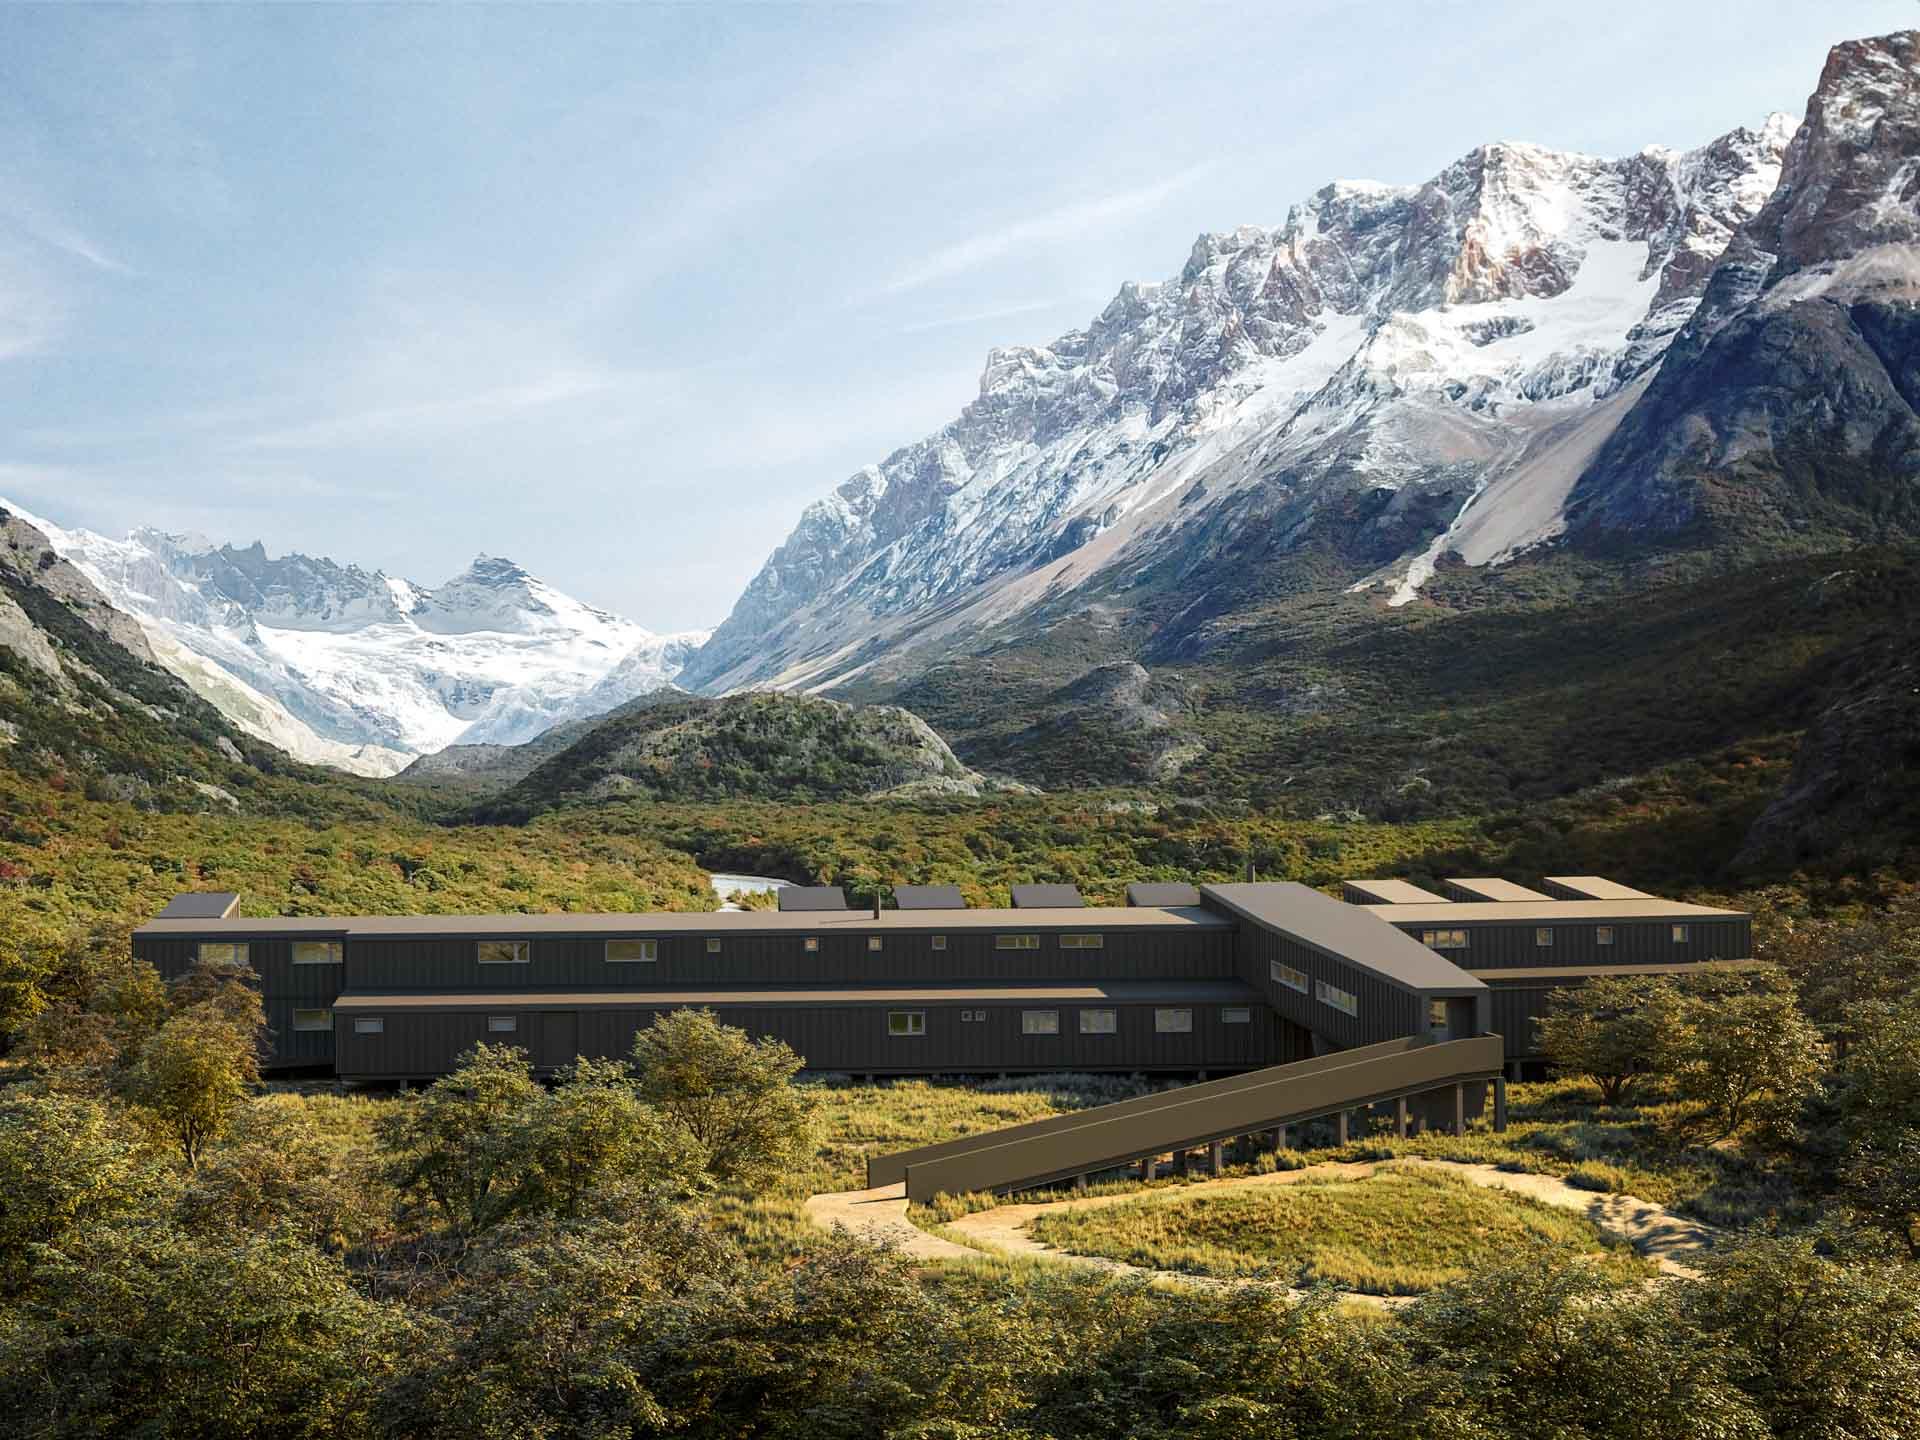 Entre glaciers, rivières et montagnes, le nouveau lodge Explora El Chaltén ouvrira en fin d'année en Patagonie argentine. Au programme, seulement 20 chambres face aux sommets et de nombreuses activités pour découvrir une nature préservée et sauvage.